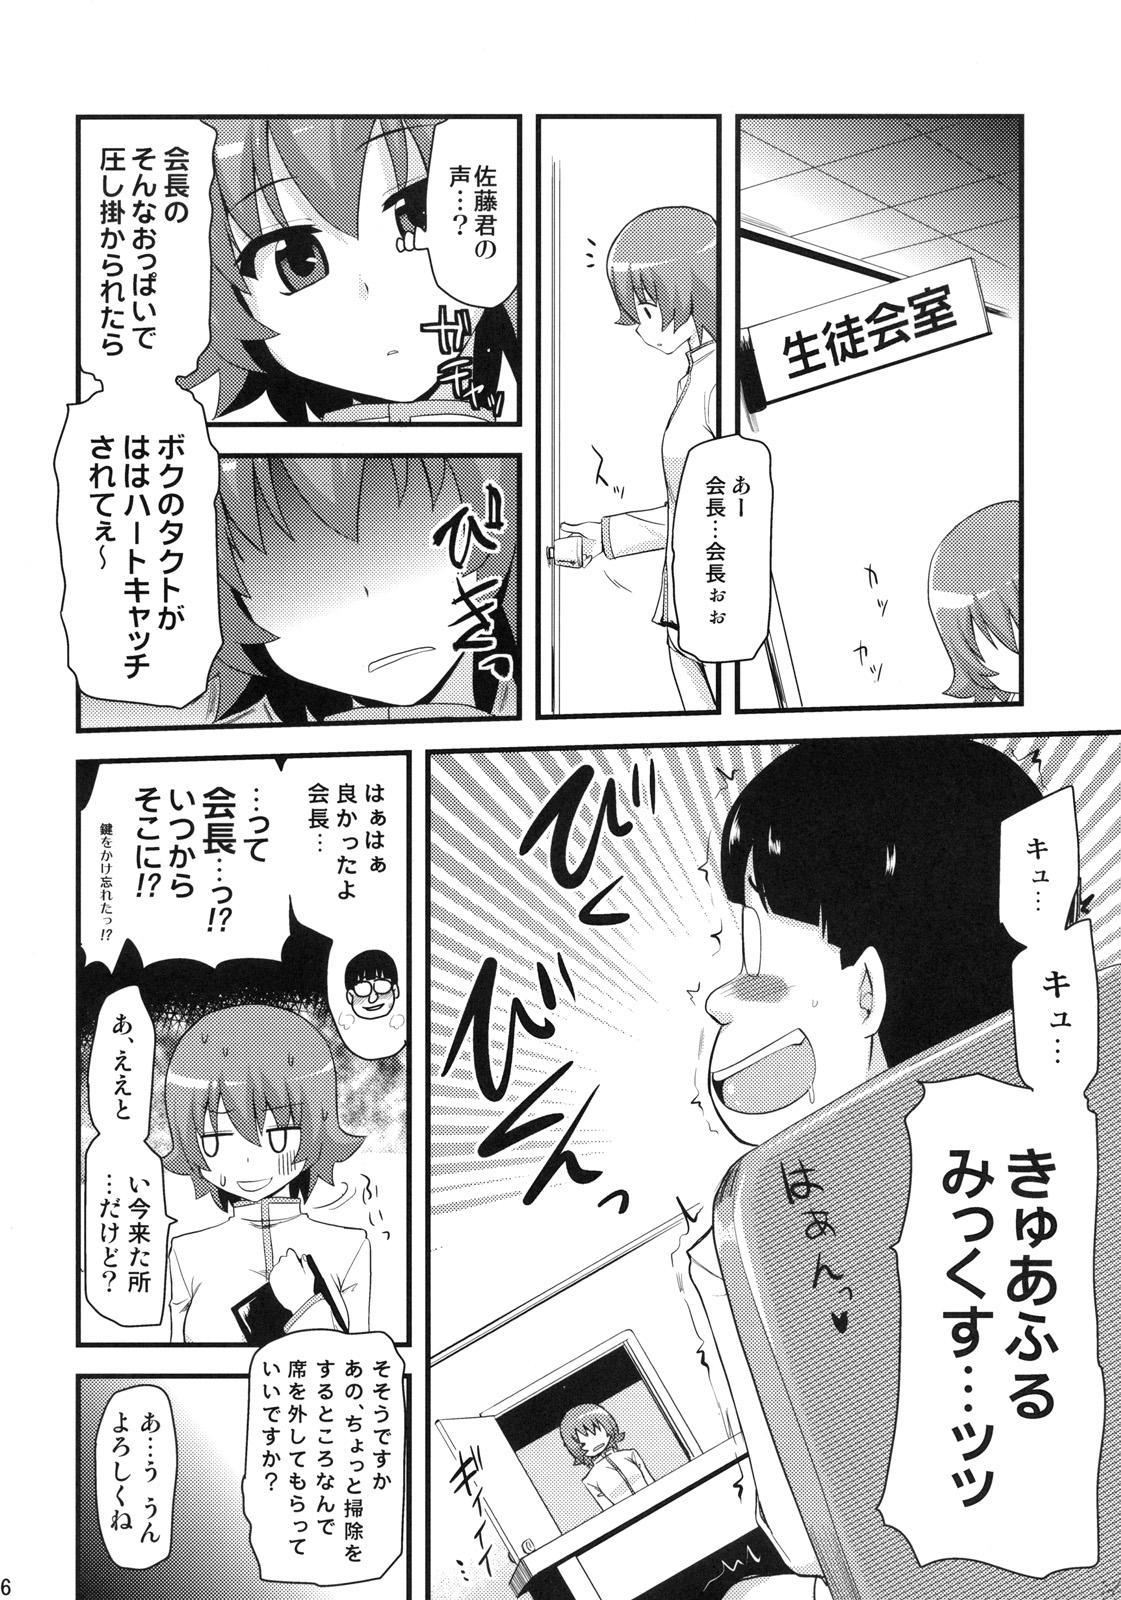 Precure Henshin no Eikyou to, Oniichan ni Momareta sei de, Oppai ga Ookiku natta Itsuki no Ohanashi. 4